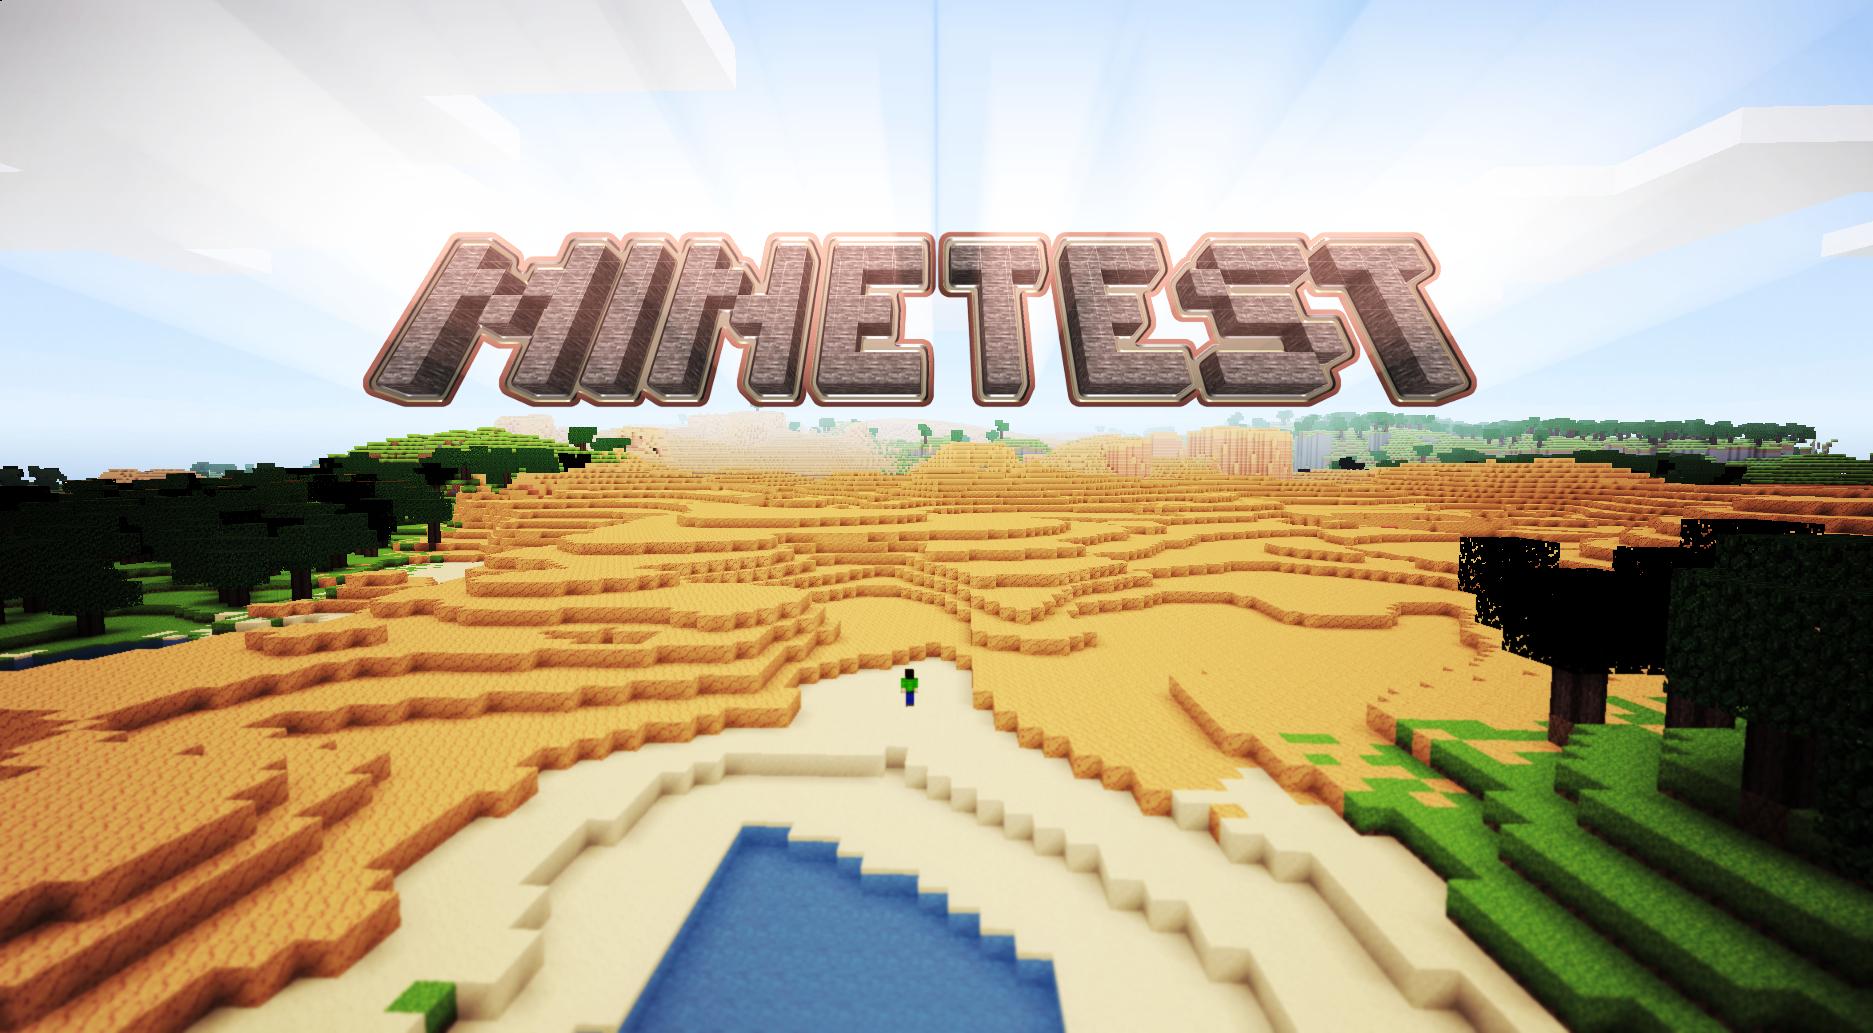 Mineteste : le clone de minecraft open-source - D@hoo